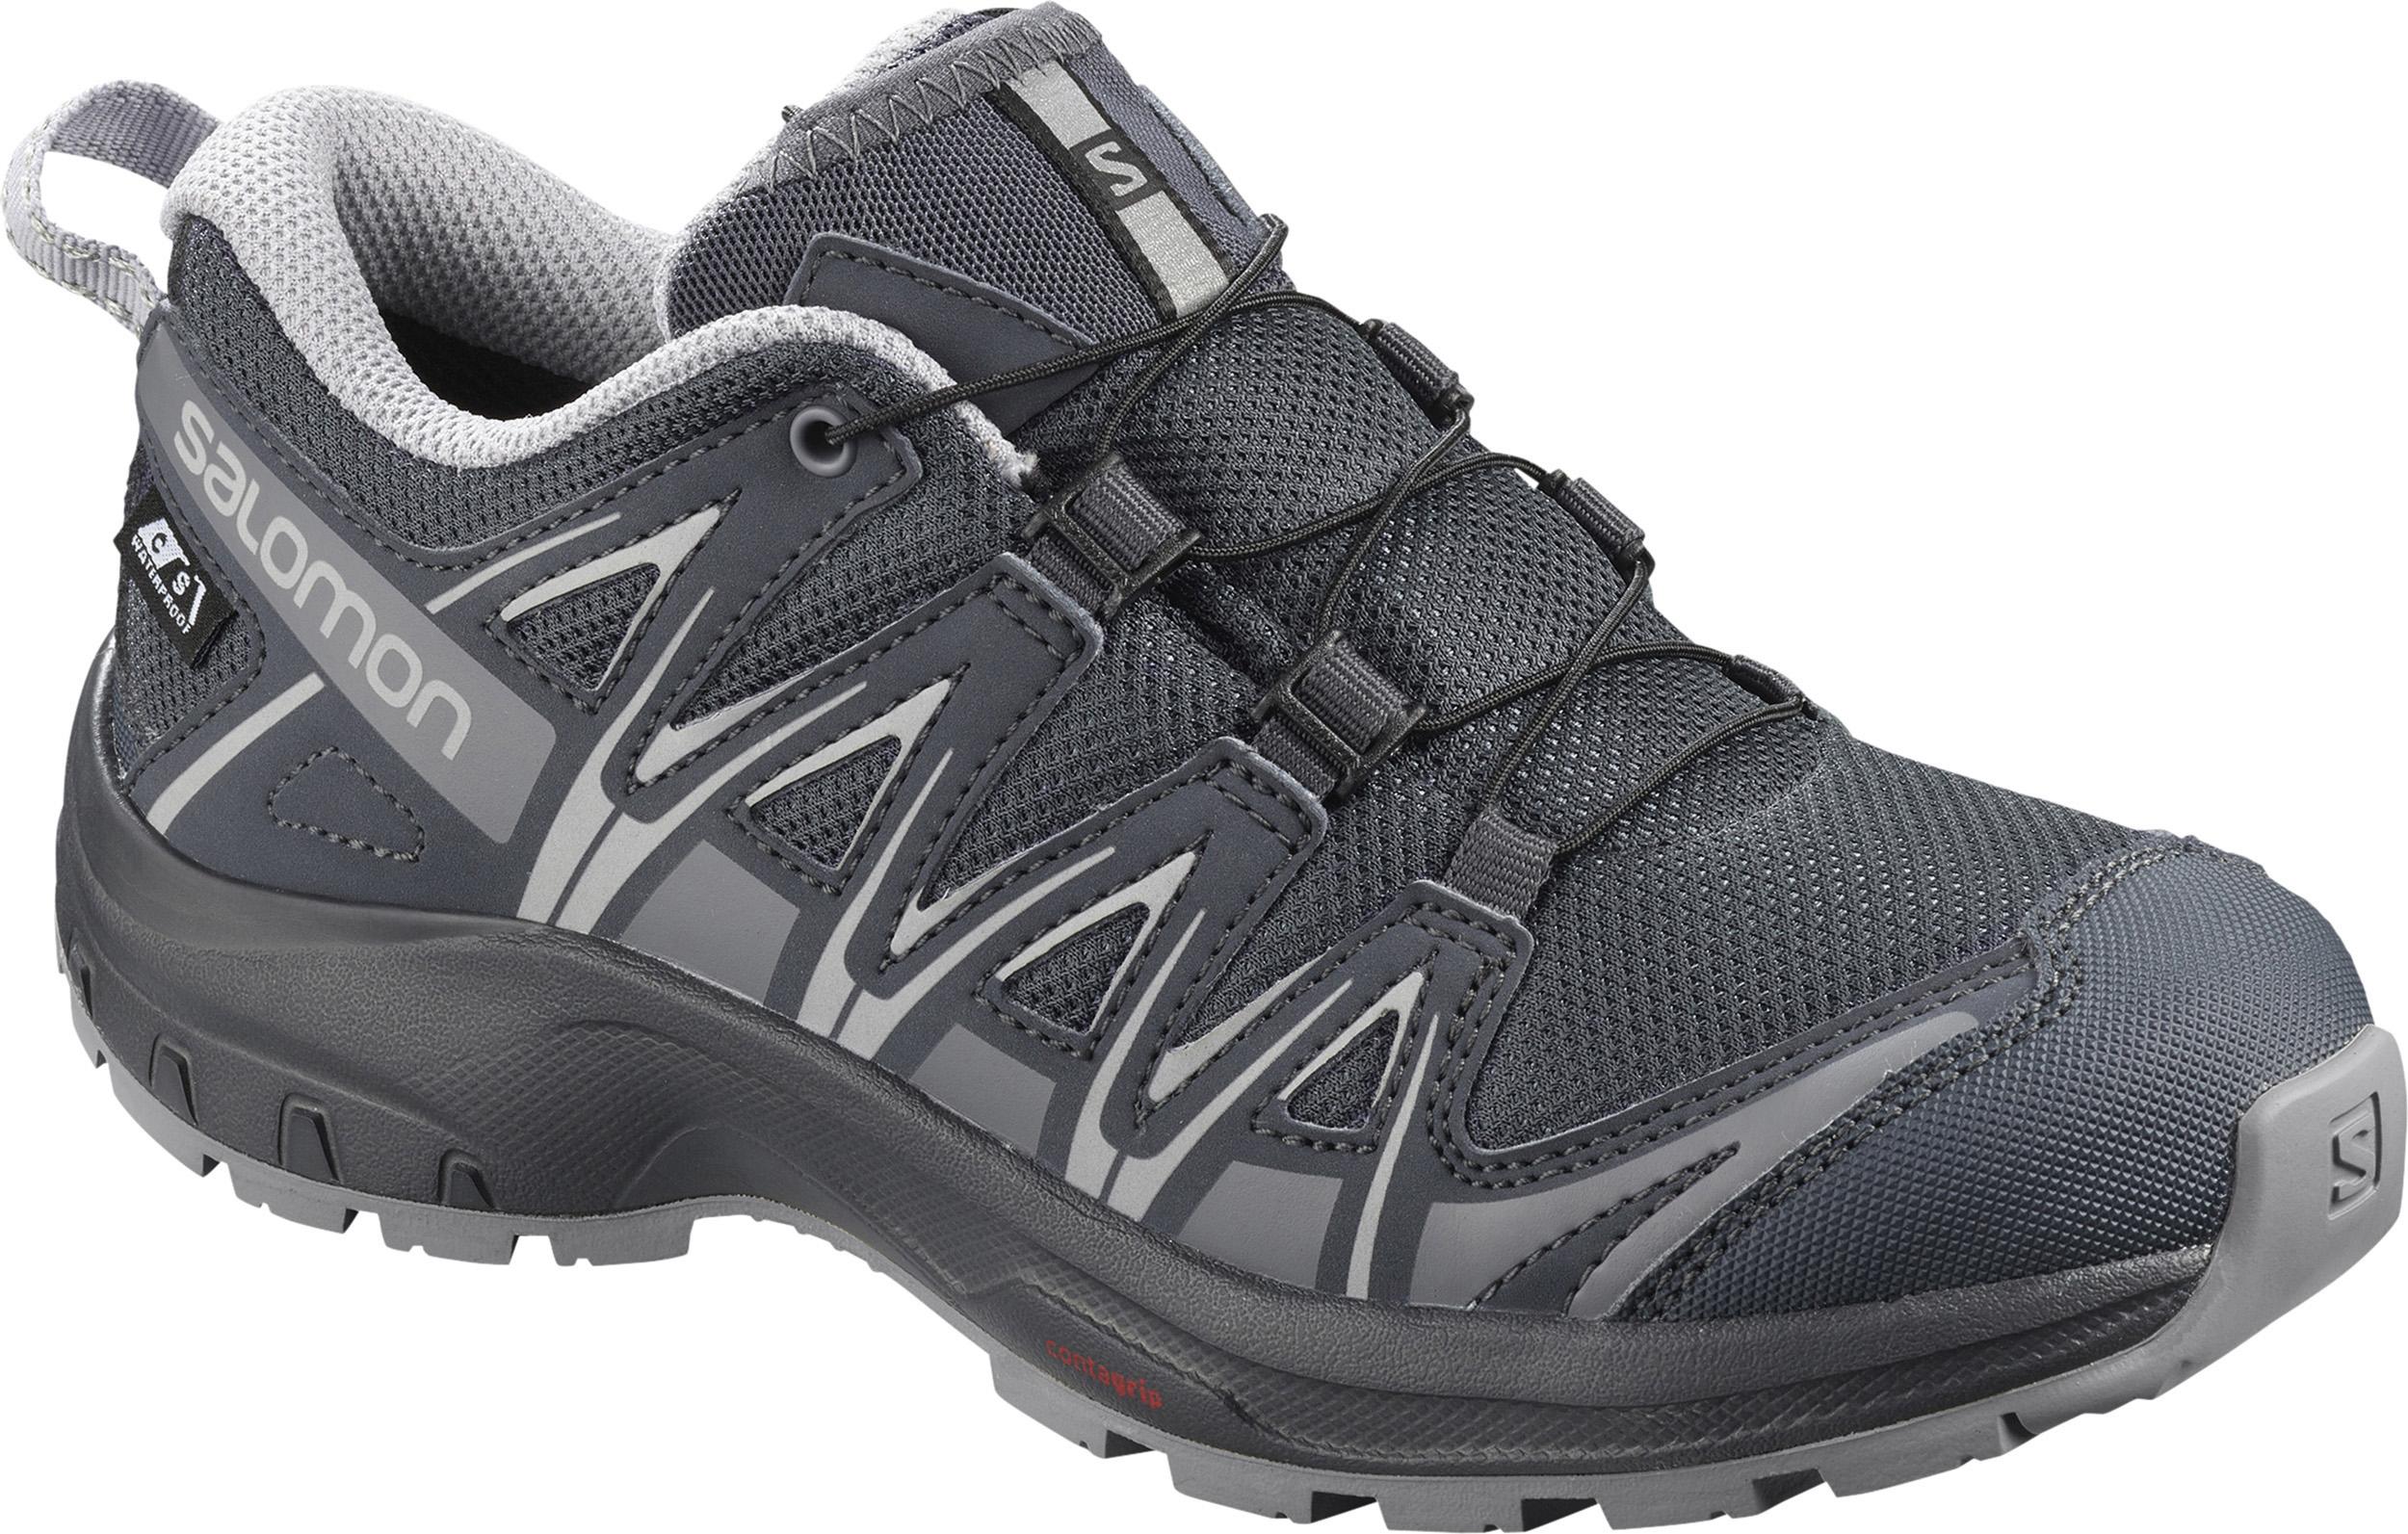 f3e00cf6a1 Salomon XA PRO 3D CSWP Nocturne Shoes - Youths